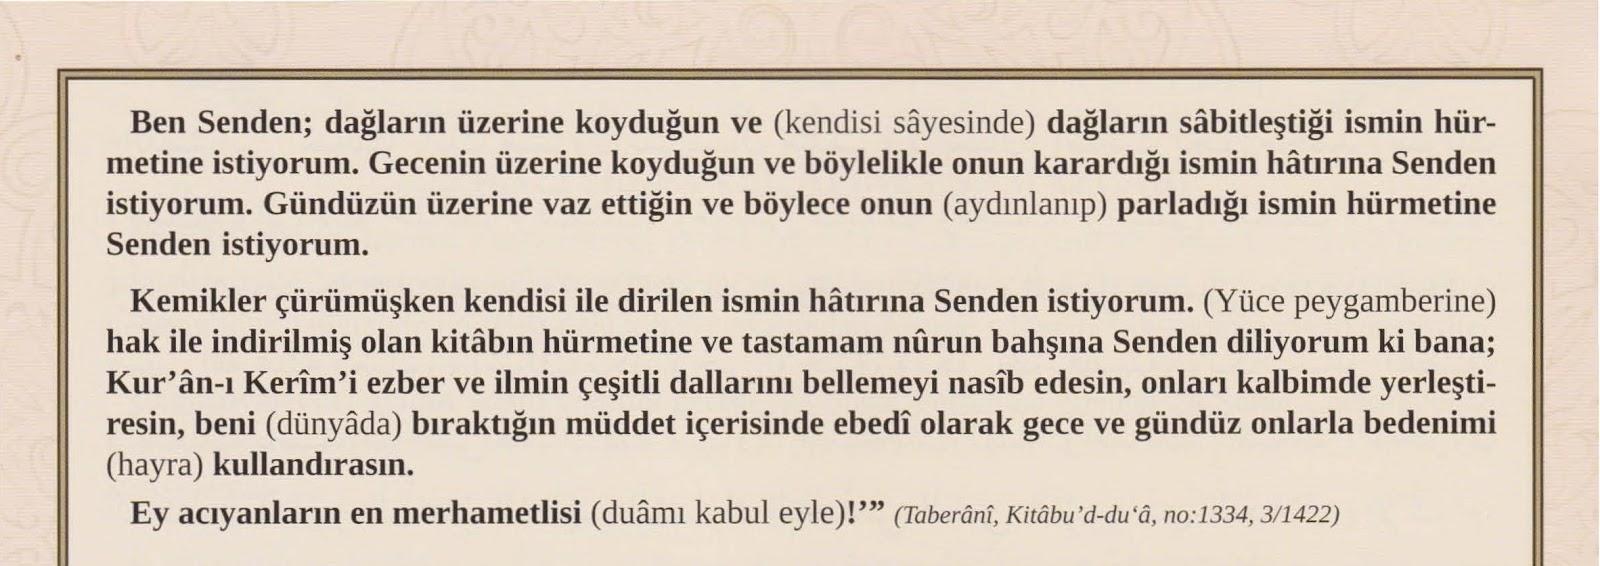 Kur'an ve Öğrenilen İlimleri Unutmamak